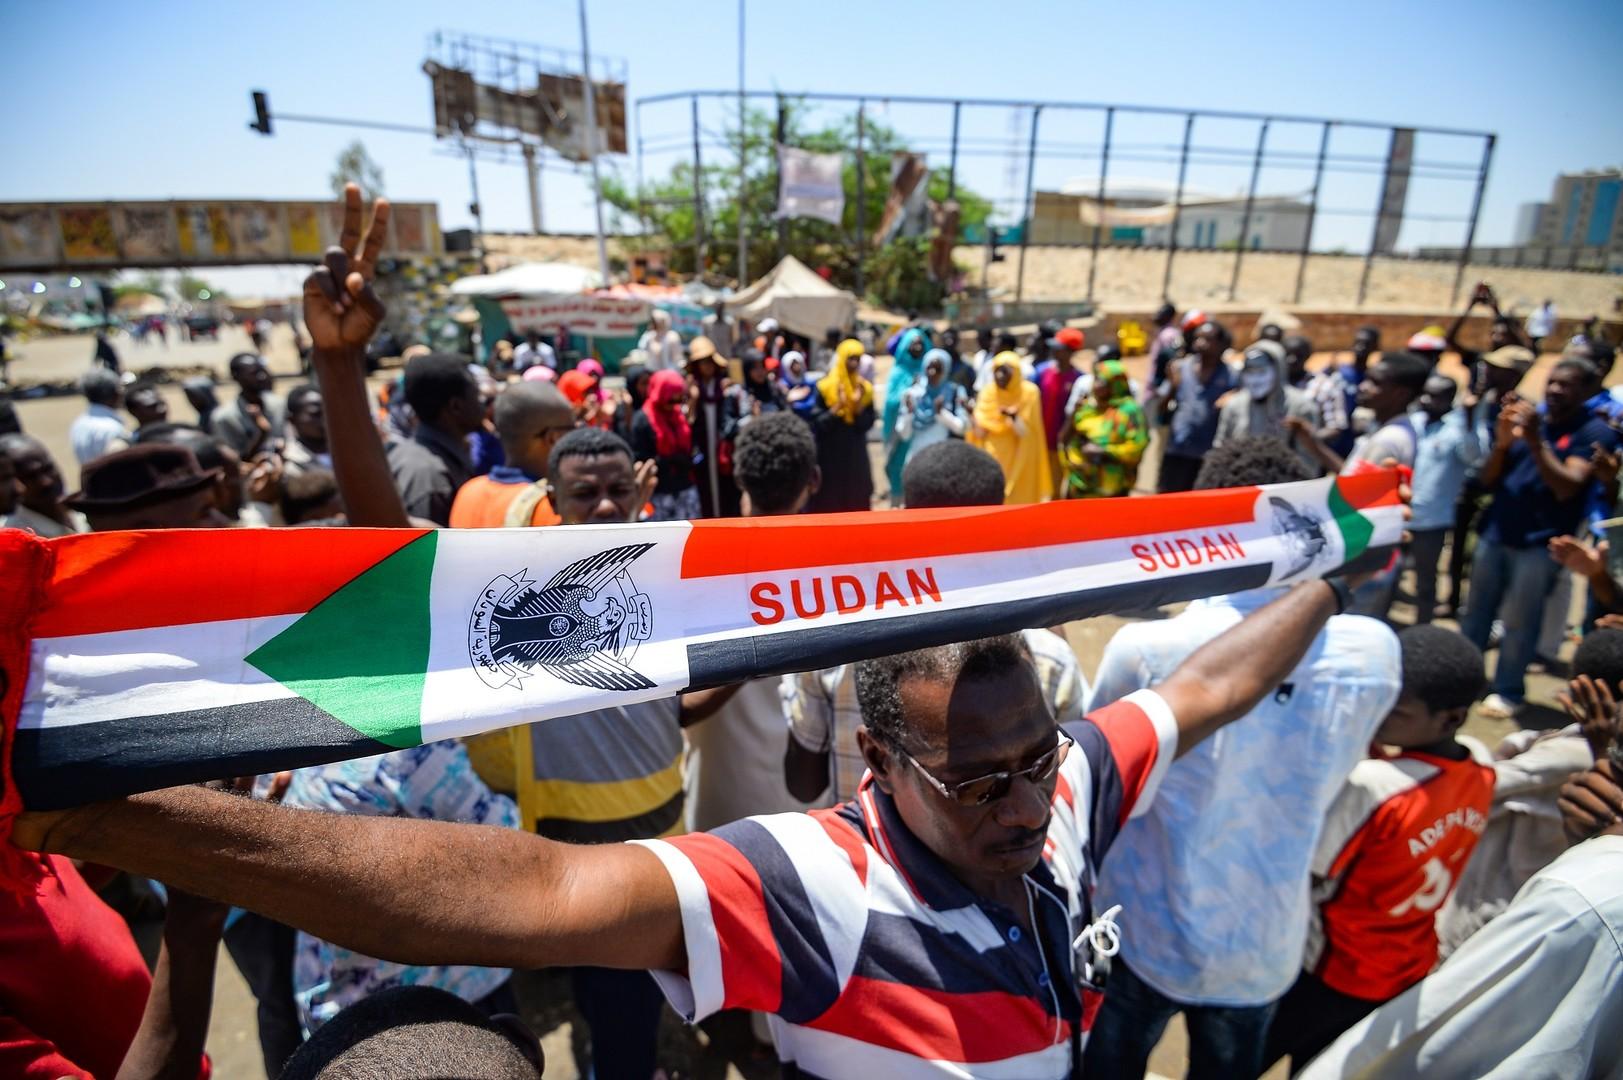 استئناف المحادثات بين القادة العسكريين والمحتجين في السودان